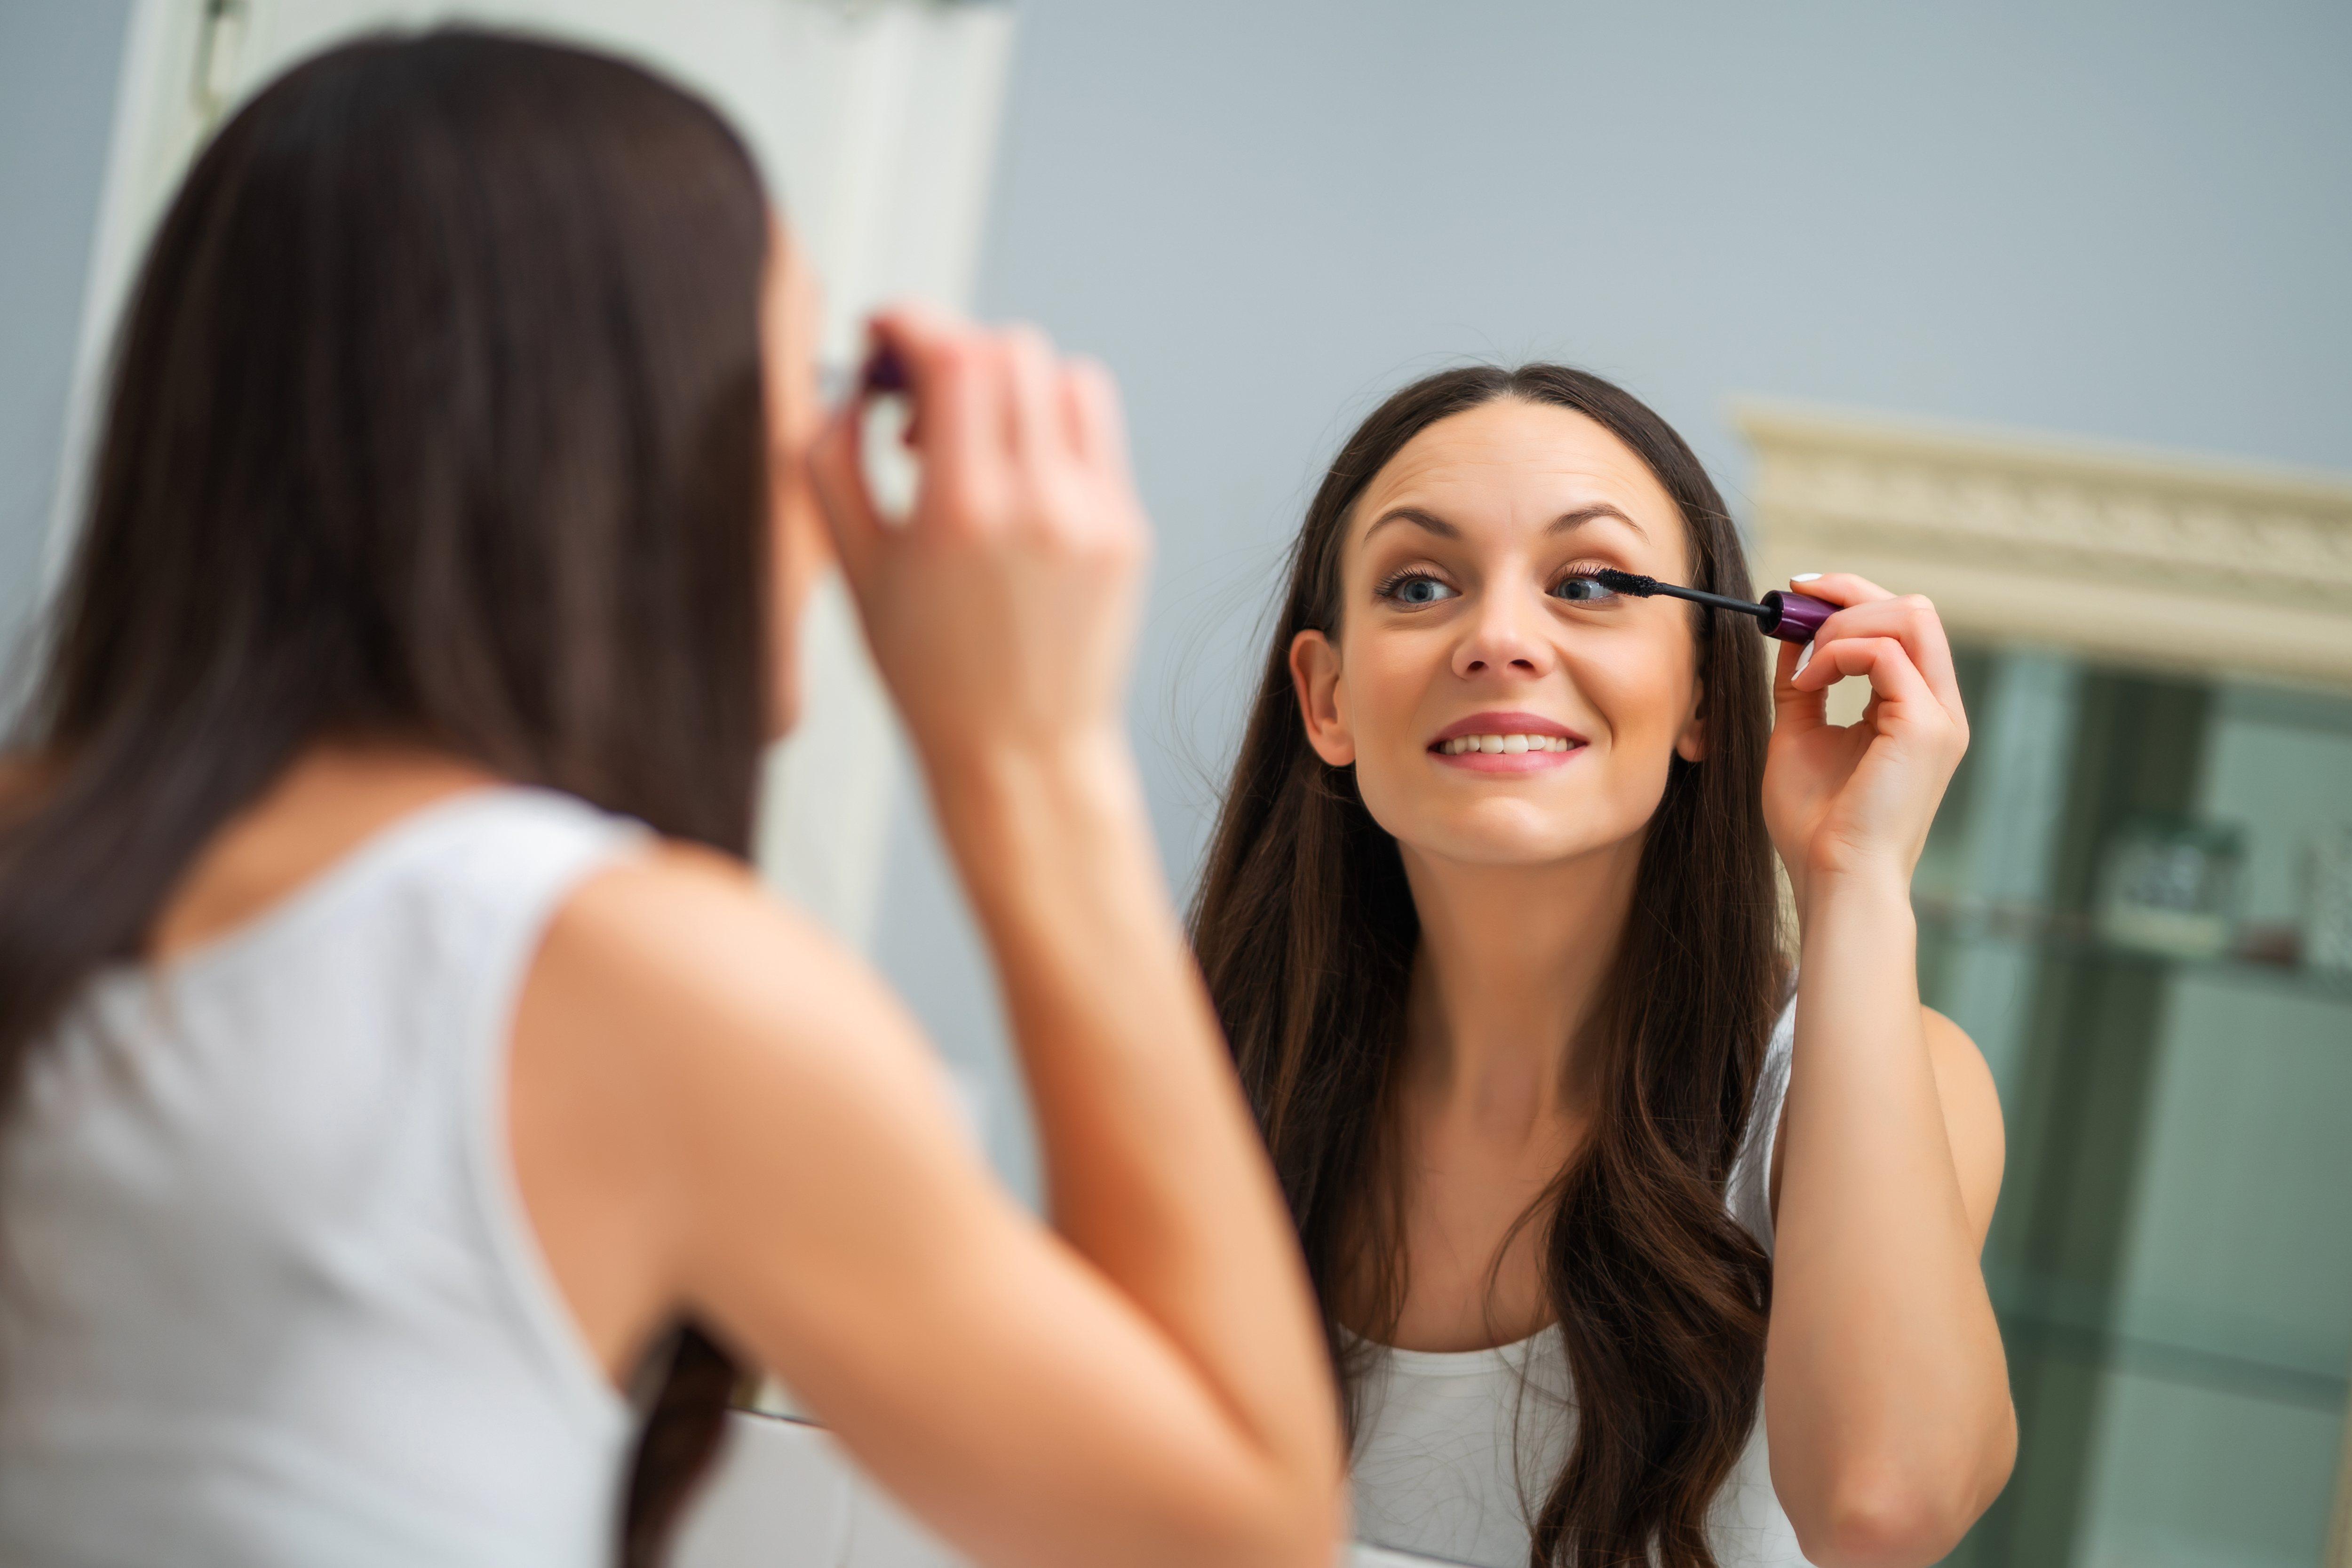 La máscara de pestañas ayuda a tener una mirada limpia e intensa